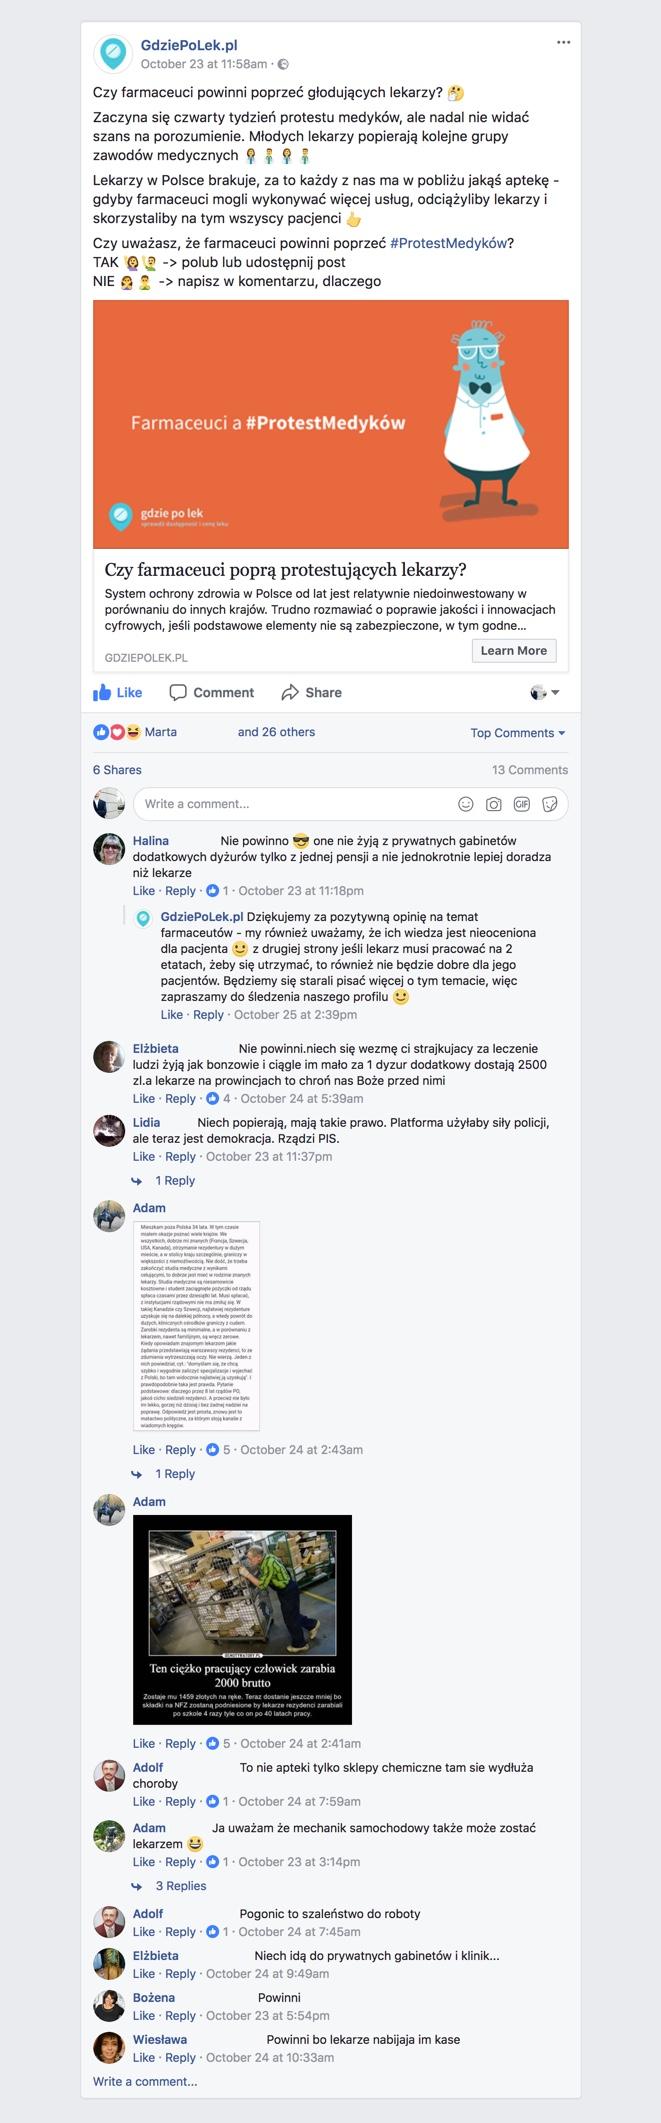 Zrzut ekranu komentarzy pod postem GdziePoLek na Facebooku o poparciu farmaceutów dla protestu medyków